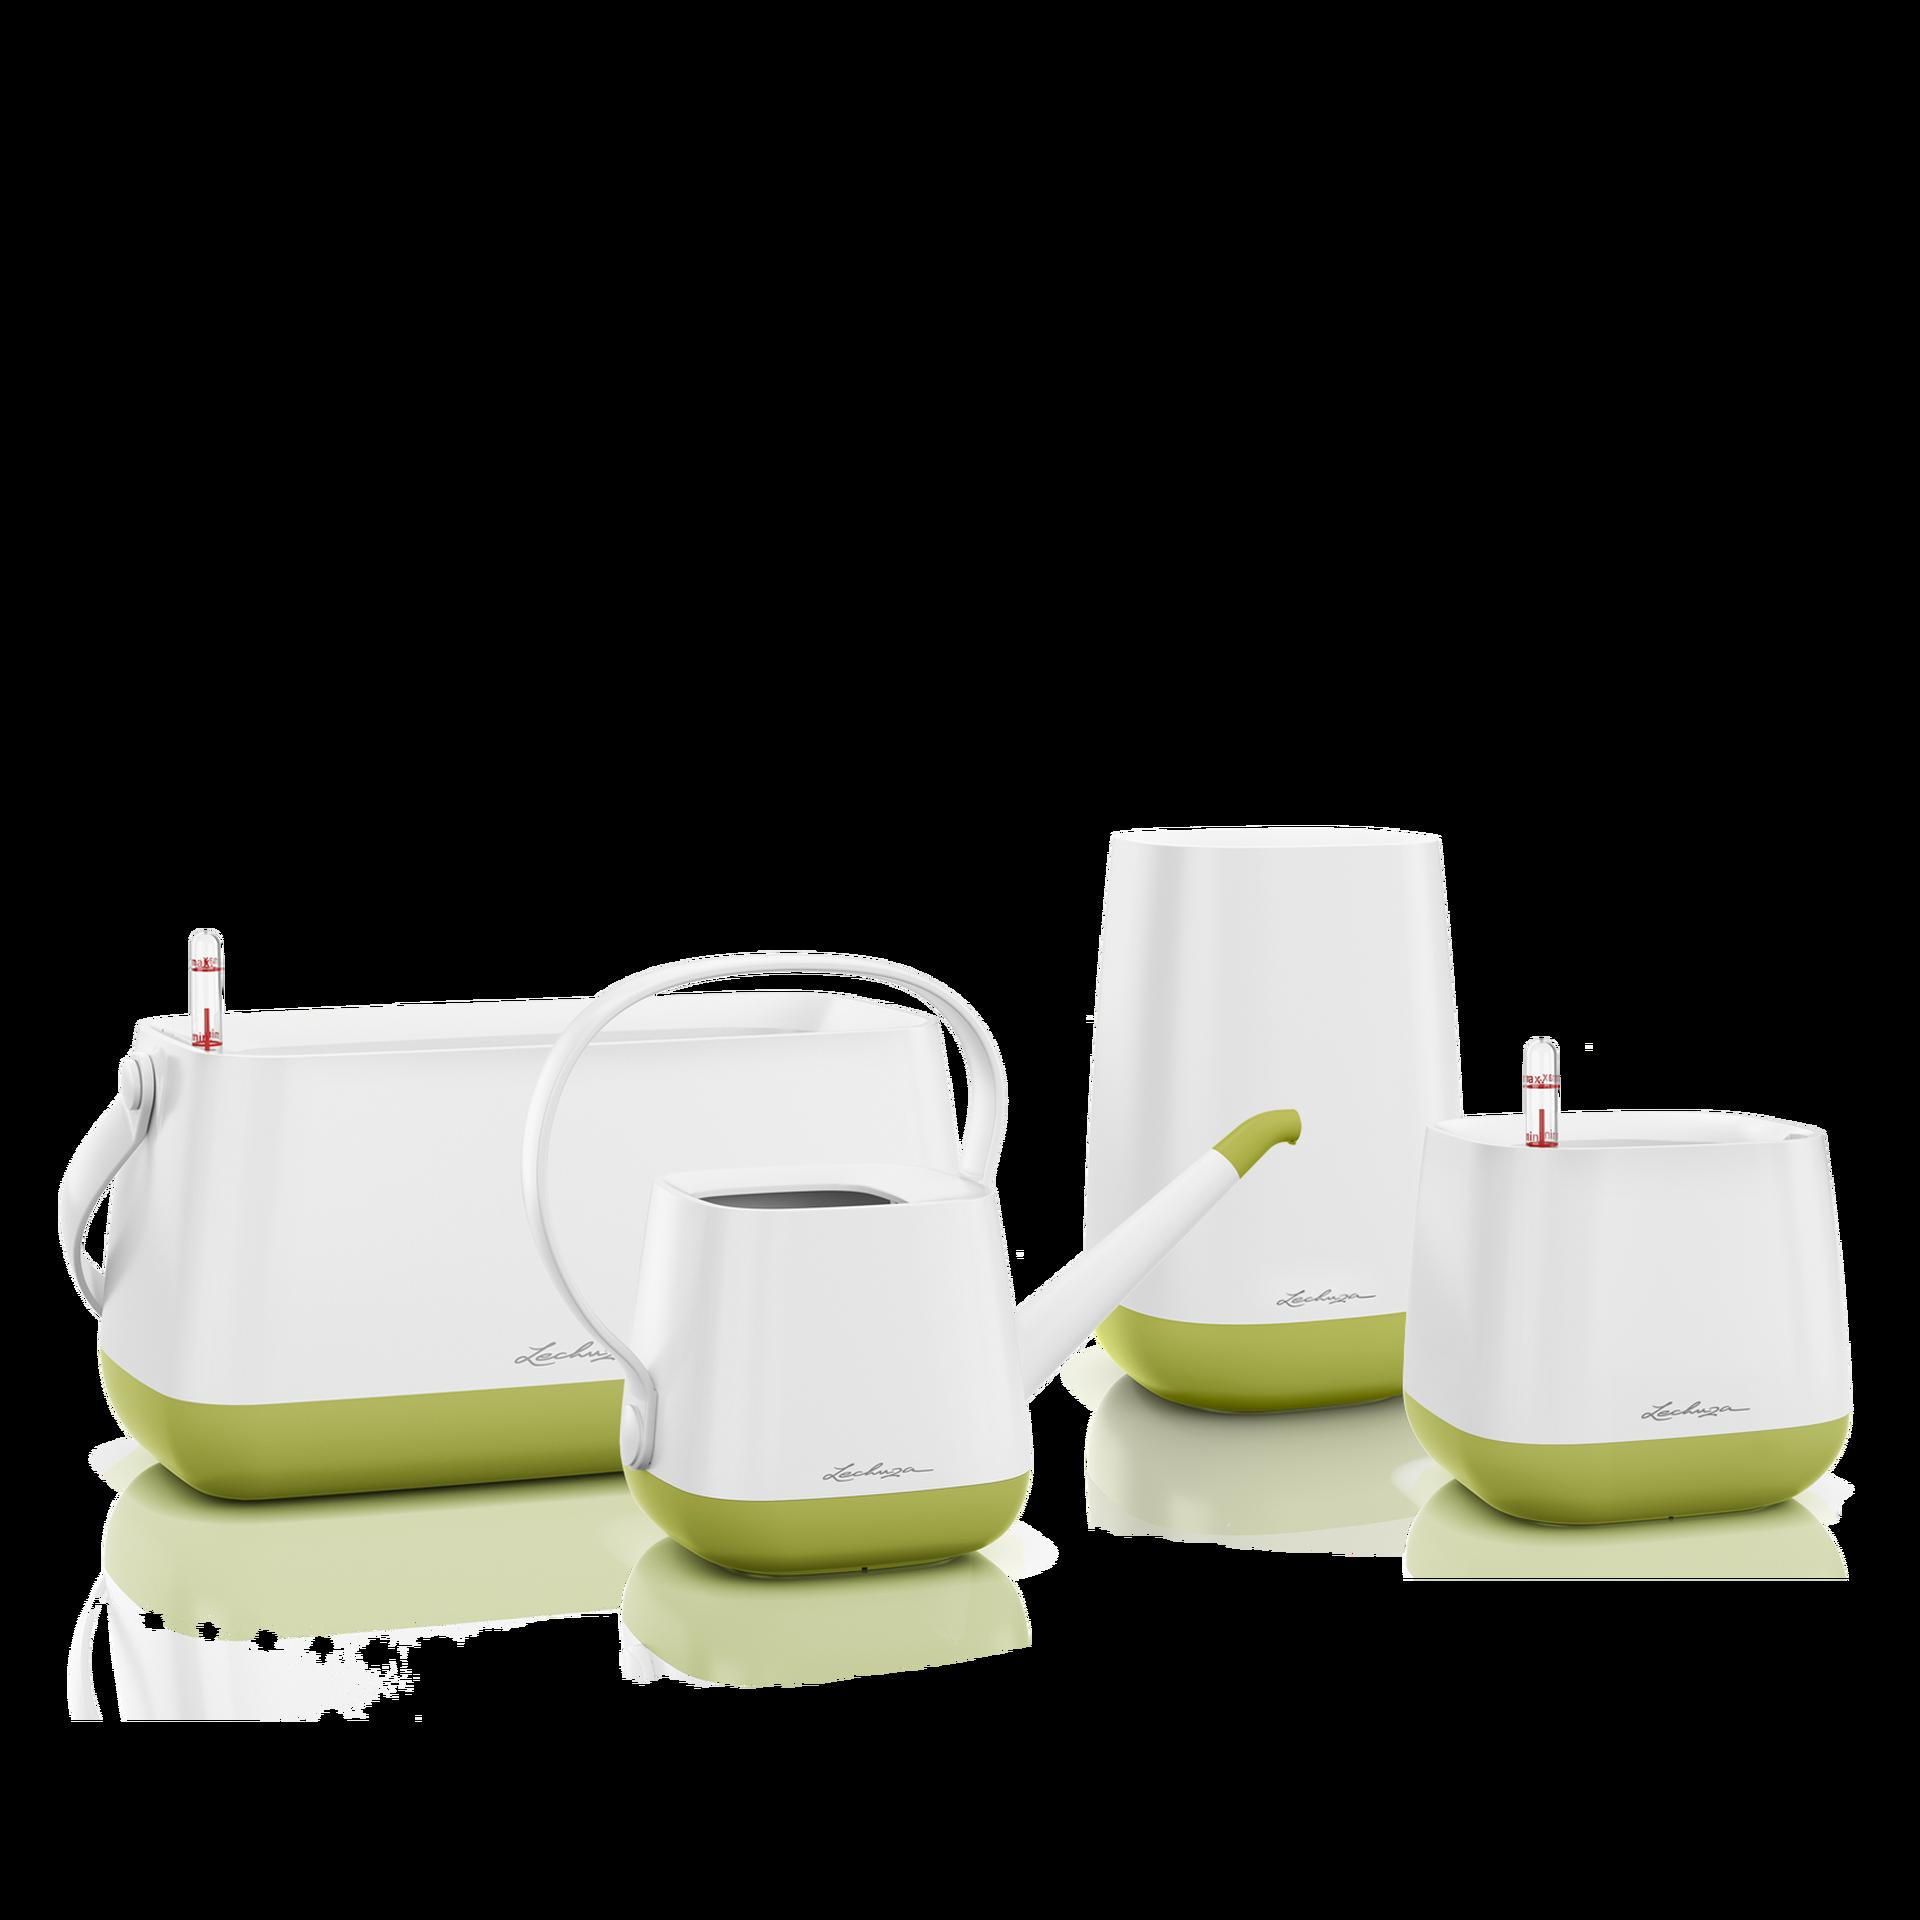 Set YULA blanco/verde pistacho satinado